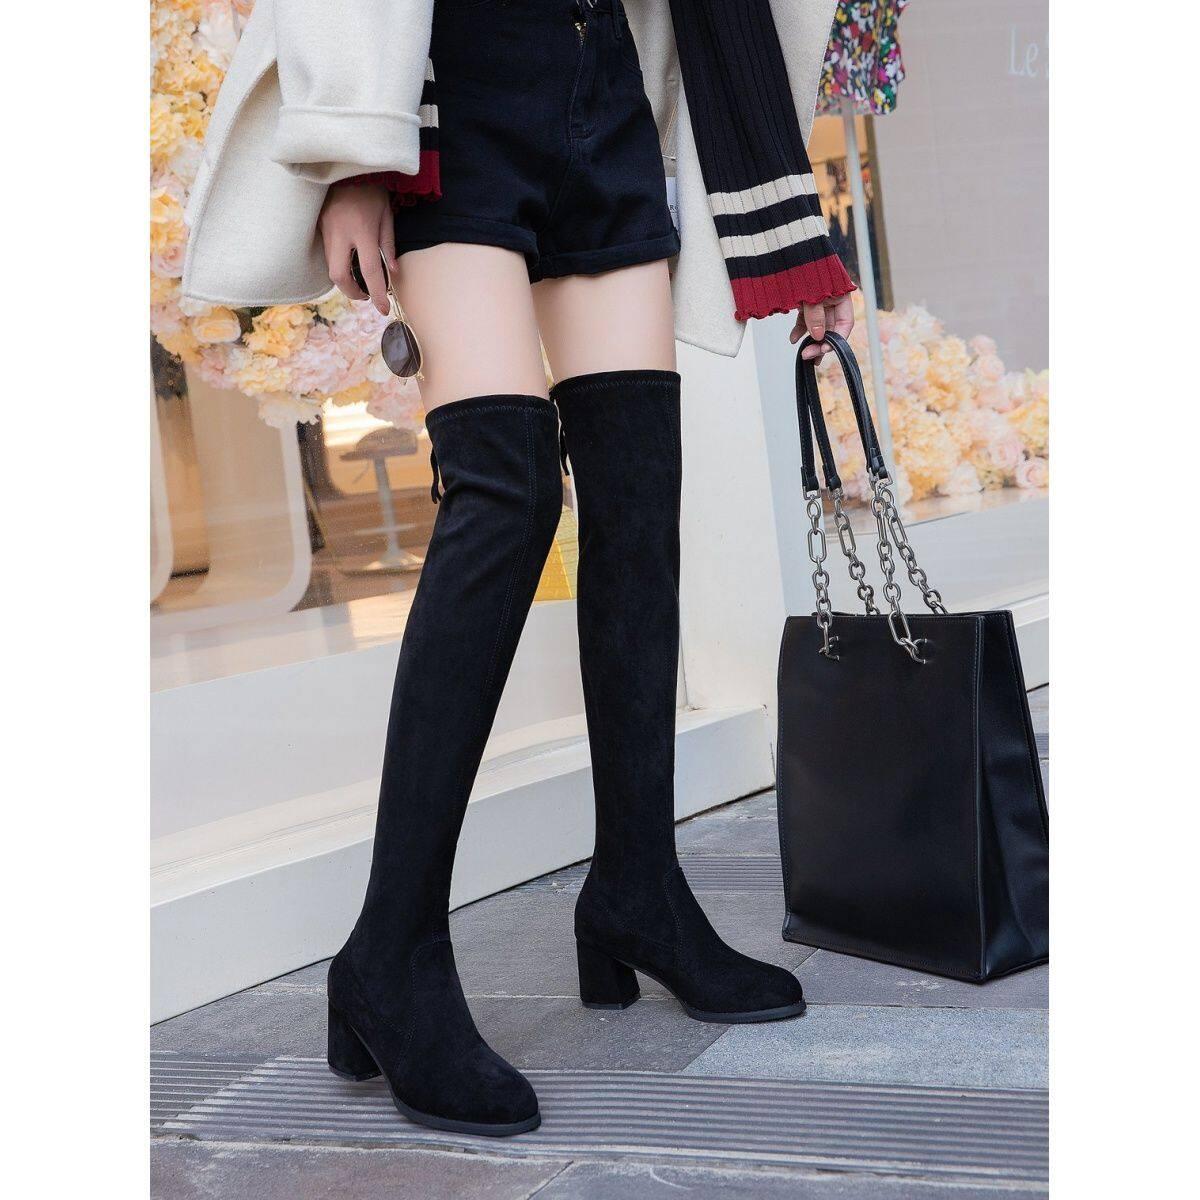 GME16182020秋冬新款长靴弹力过膝靴女粗跟长靴中跟网红瘦瘦高筒长筒女靴